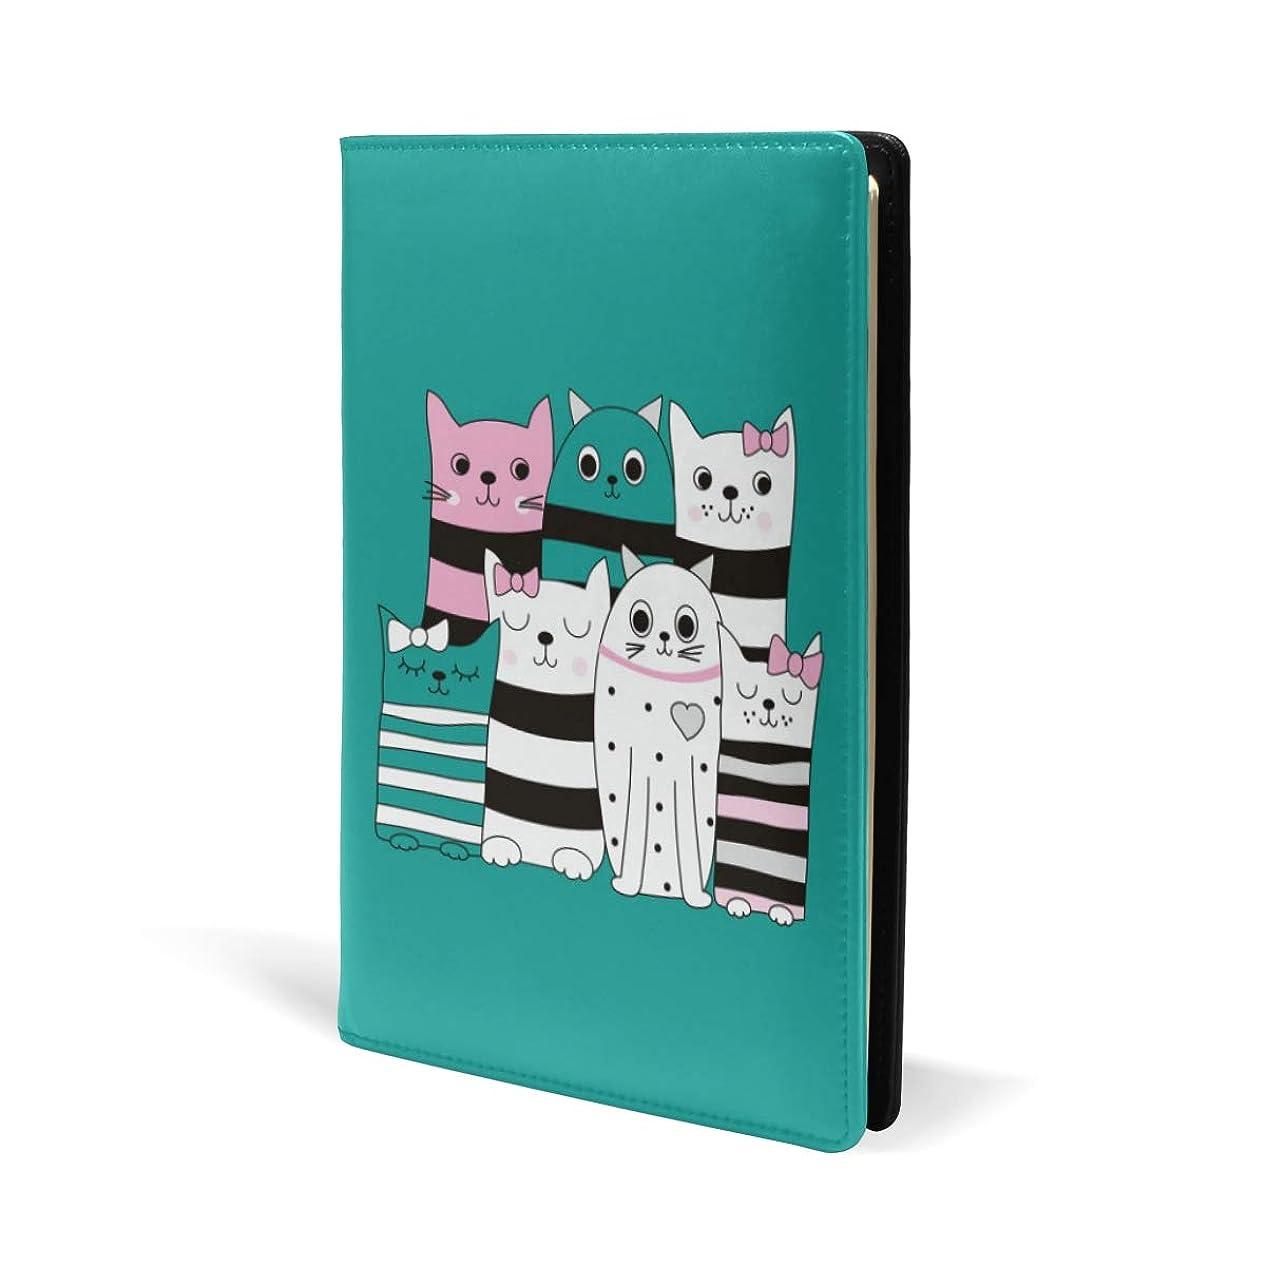 ジャズアヒル有益なブックカバー a5 ねこ柄 マルチ きれい 文庫 PUレザー ファイル オフィス用品 読書 文庫判 資料 日記 収納入れ 高級感 耐久性 雑貨 プレゼント 機能性 耐久性 軽量